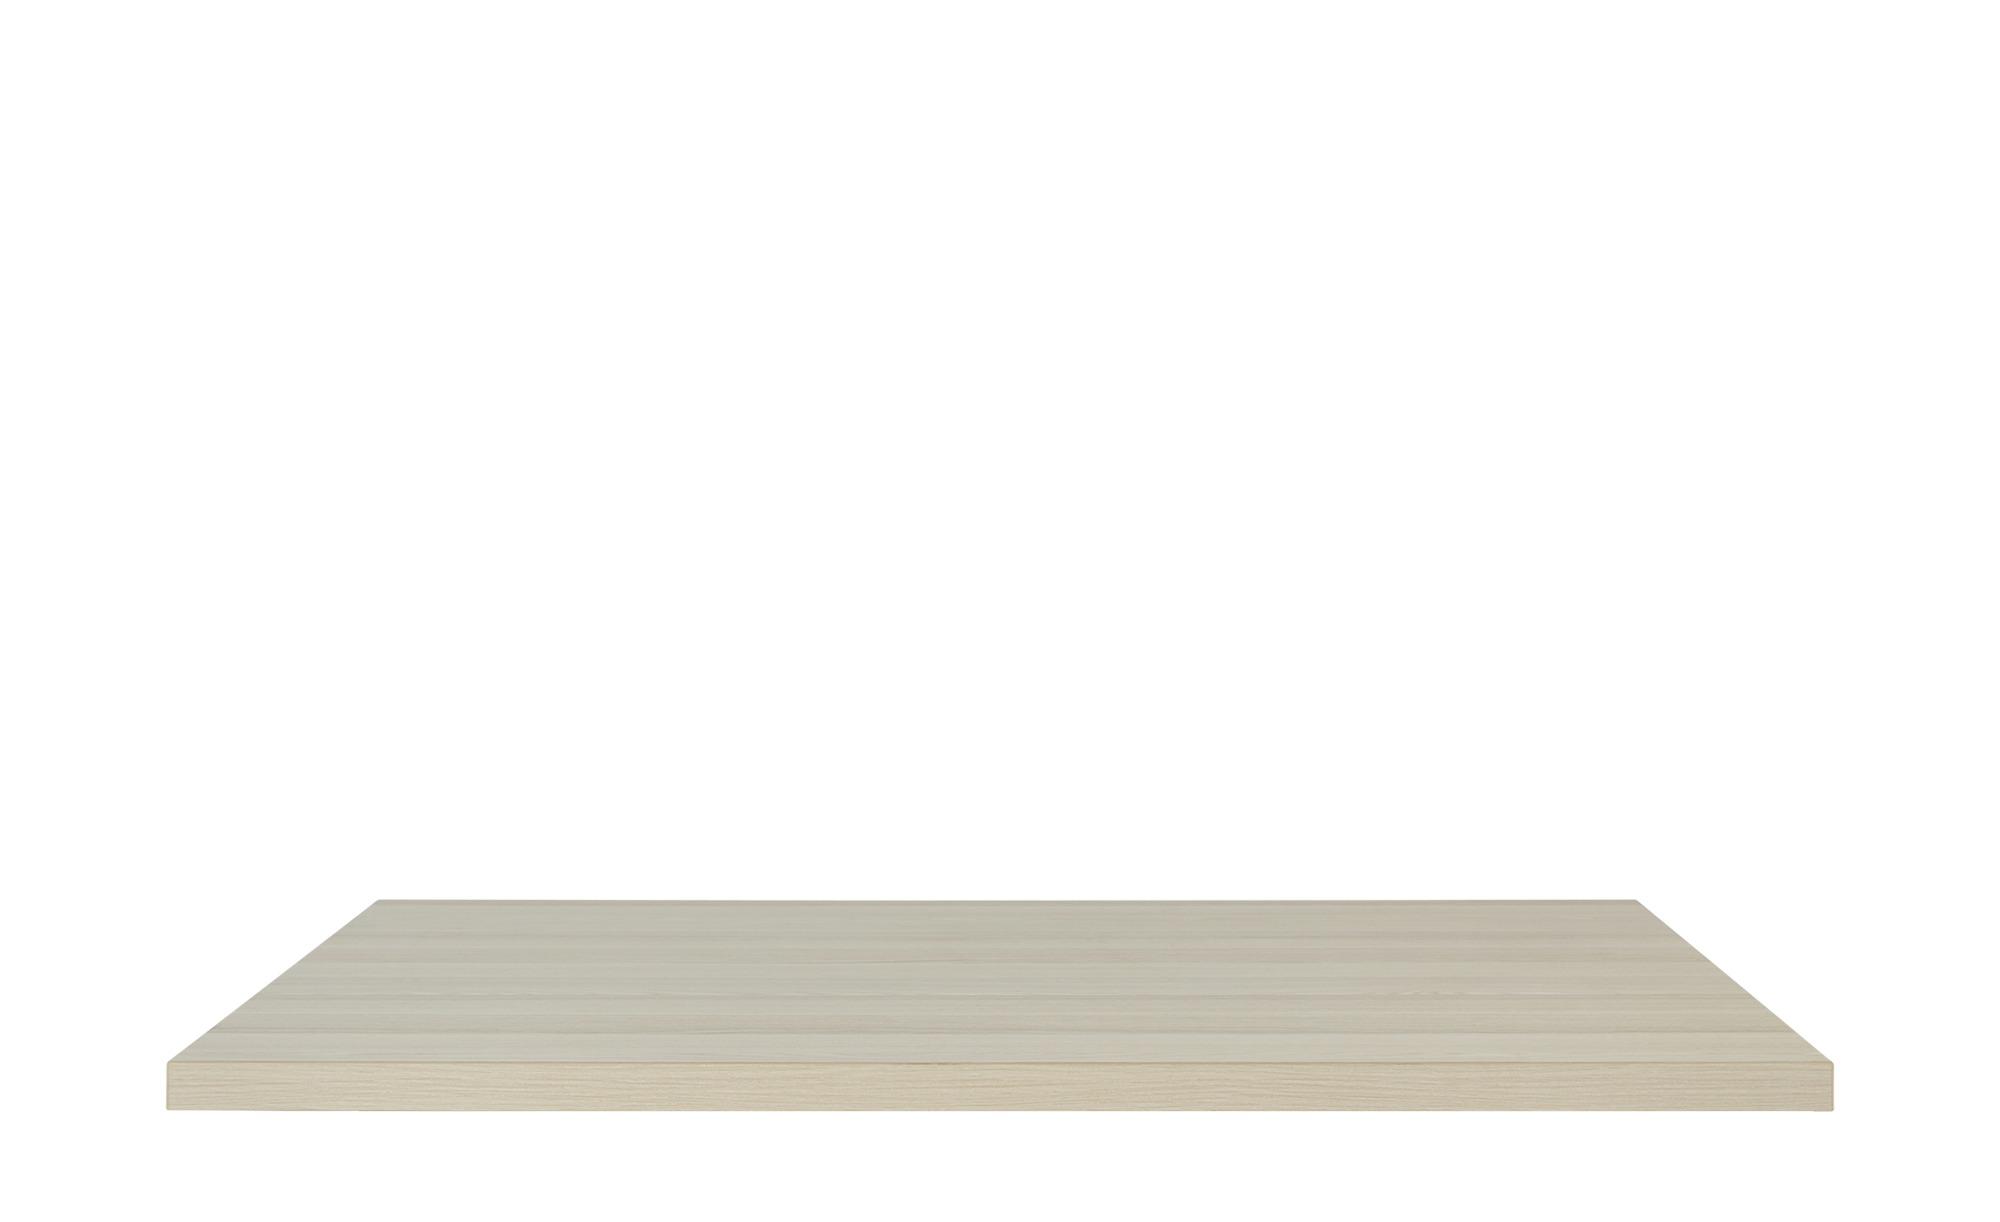 Schreibtischplatte  Rhein ¦ holzfarben ¦ Maße (cm): B: 120 H: 3|5 T: 80 Tische > Tischplatten - Höffner | Büro > Bürotische > Bürotische-Zubehör | Möbel Höffner DE